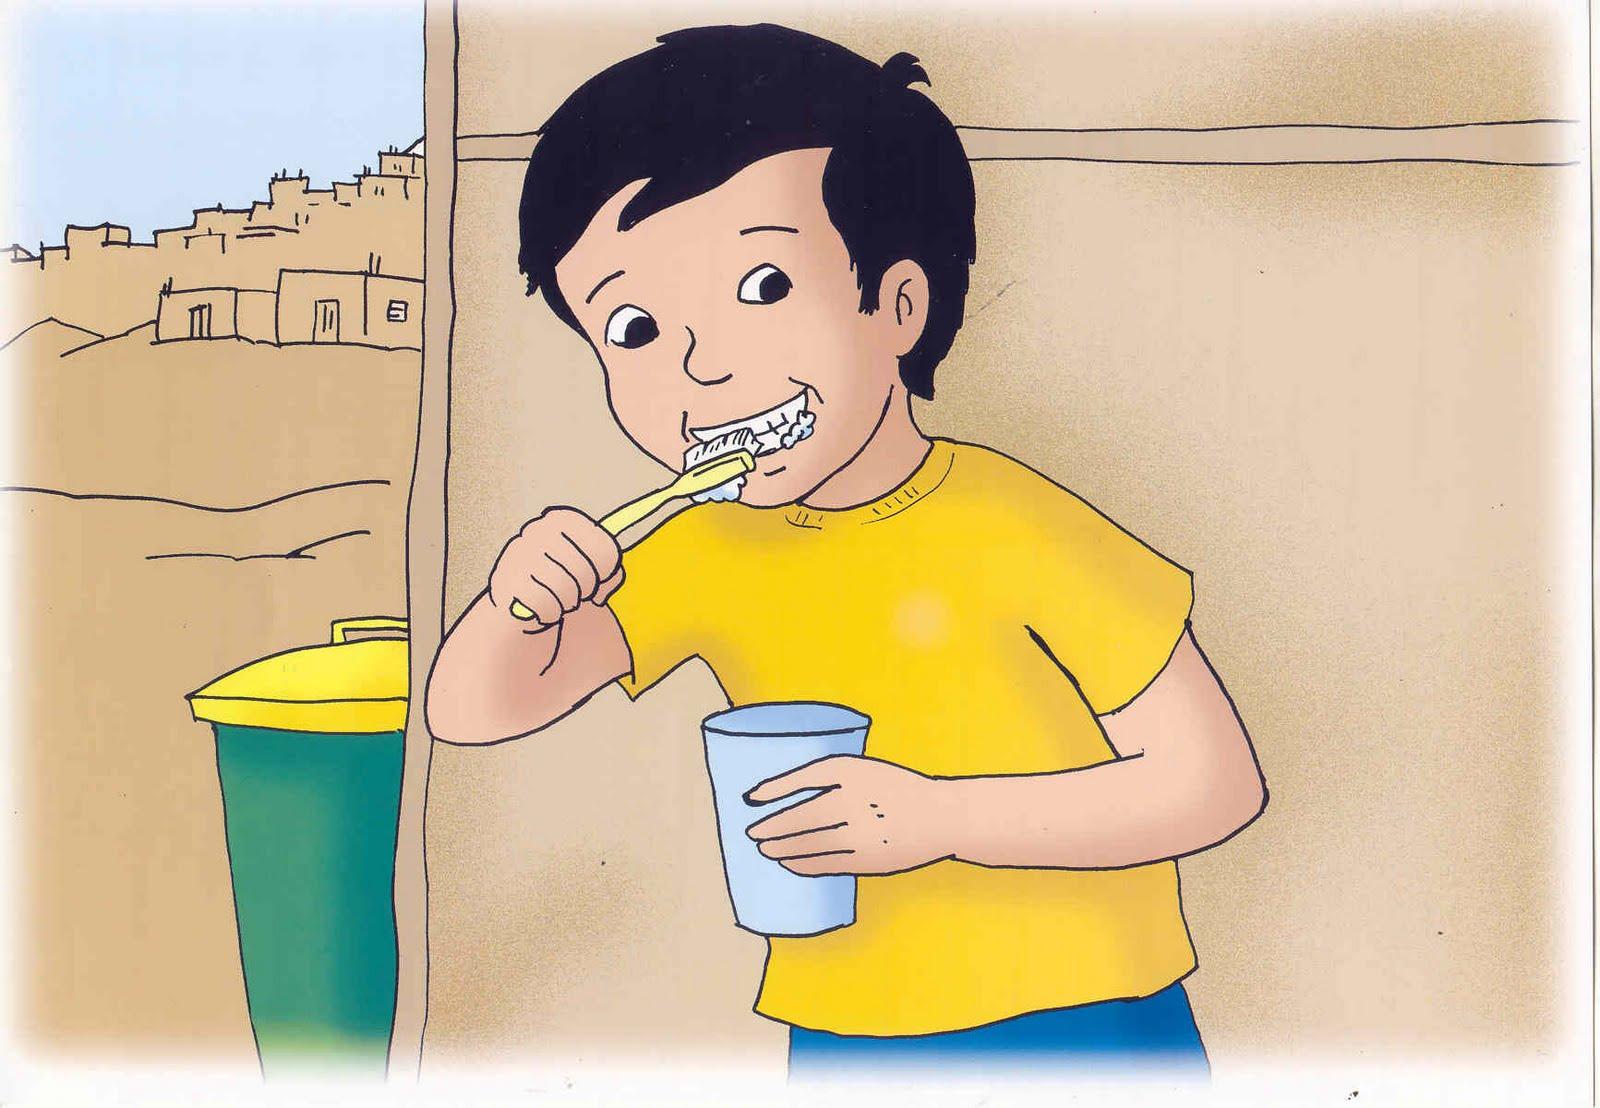 Conociendo los h bitos de higiene personal for Imagenes de utiles de aseo